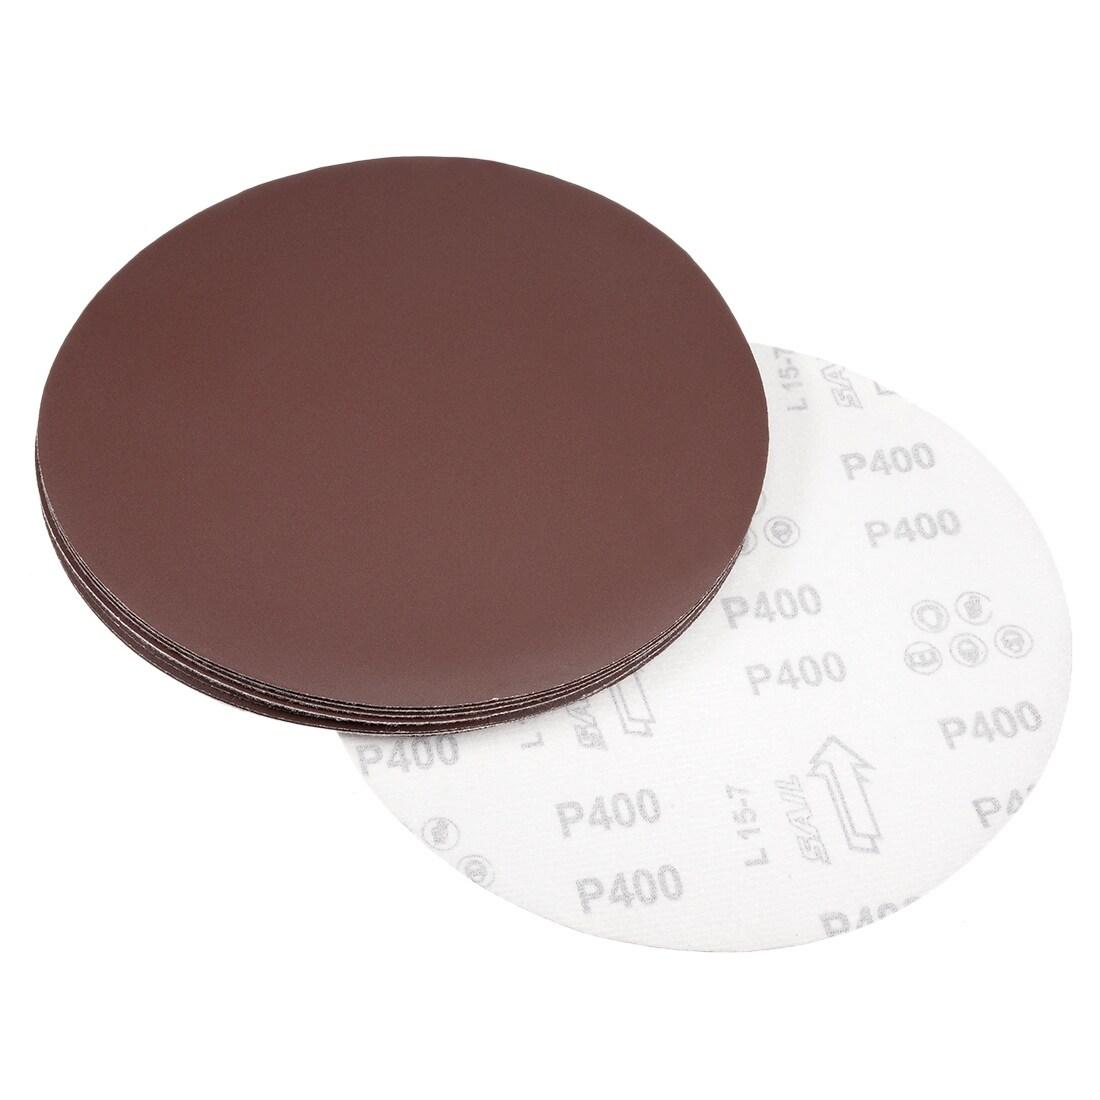 10Pcs Sanding Discs Sandpaper  Pads for Circular Sander 120#